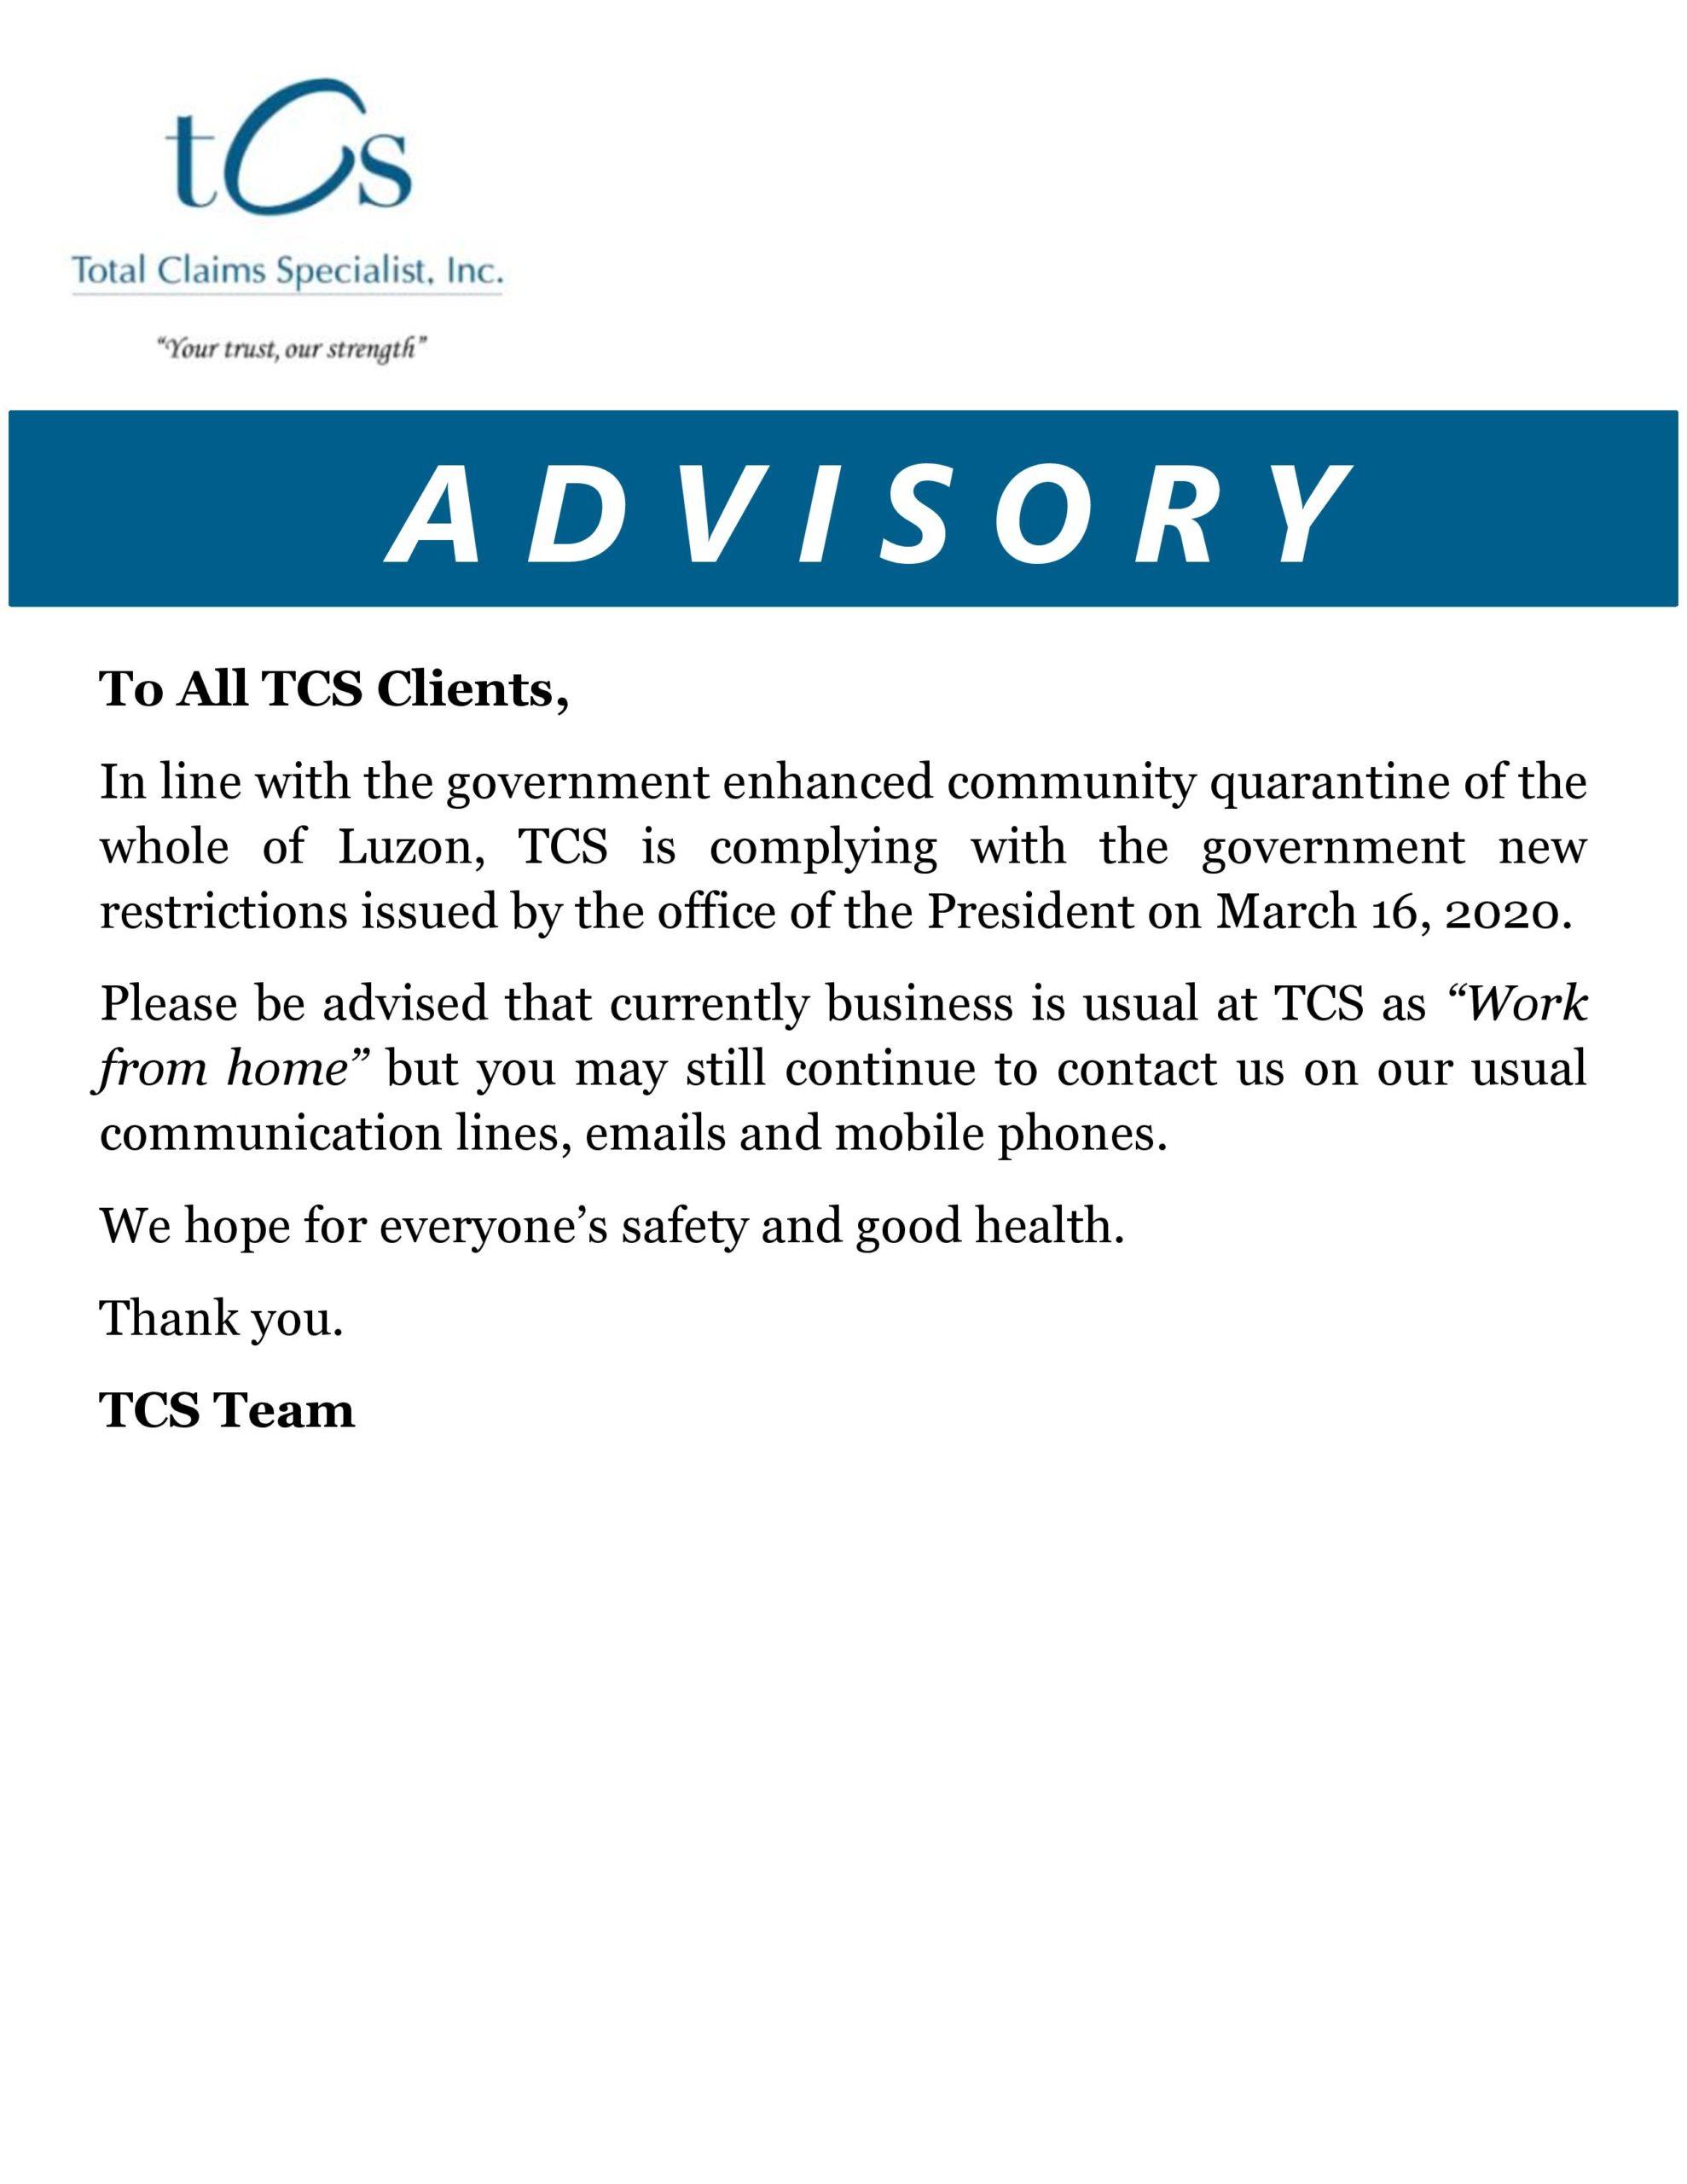 TCS Client Advisory